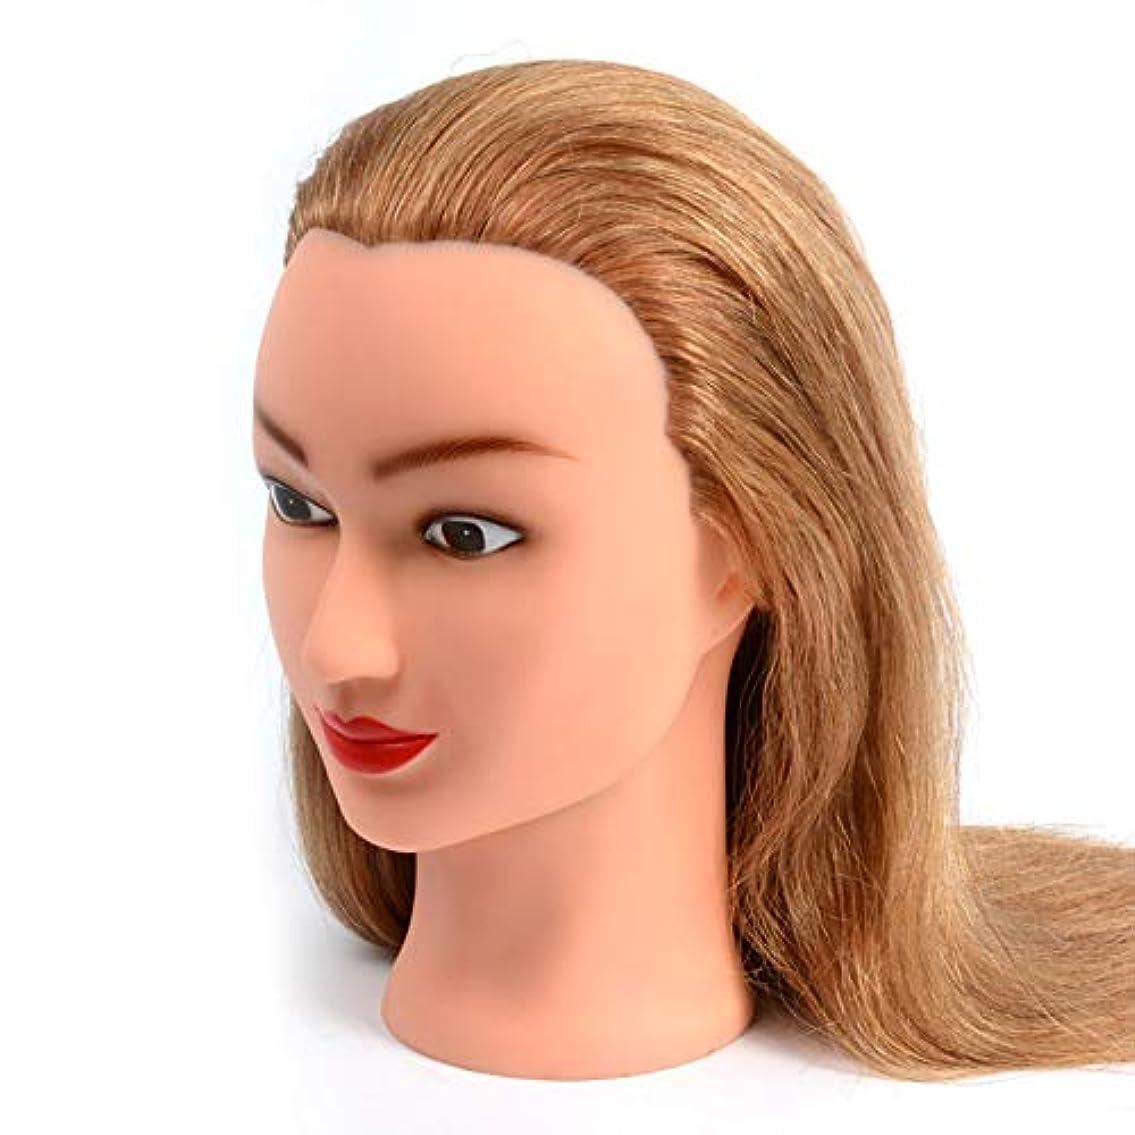 飛行場だます池ブライダルメイクスタイリング練習モデル美容院散髪学習ダミーヘッドは染色することができますし、漂白ティーチングヘッド